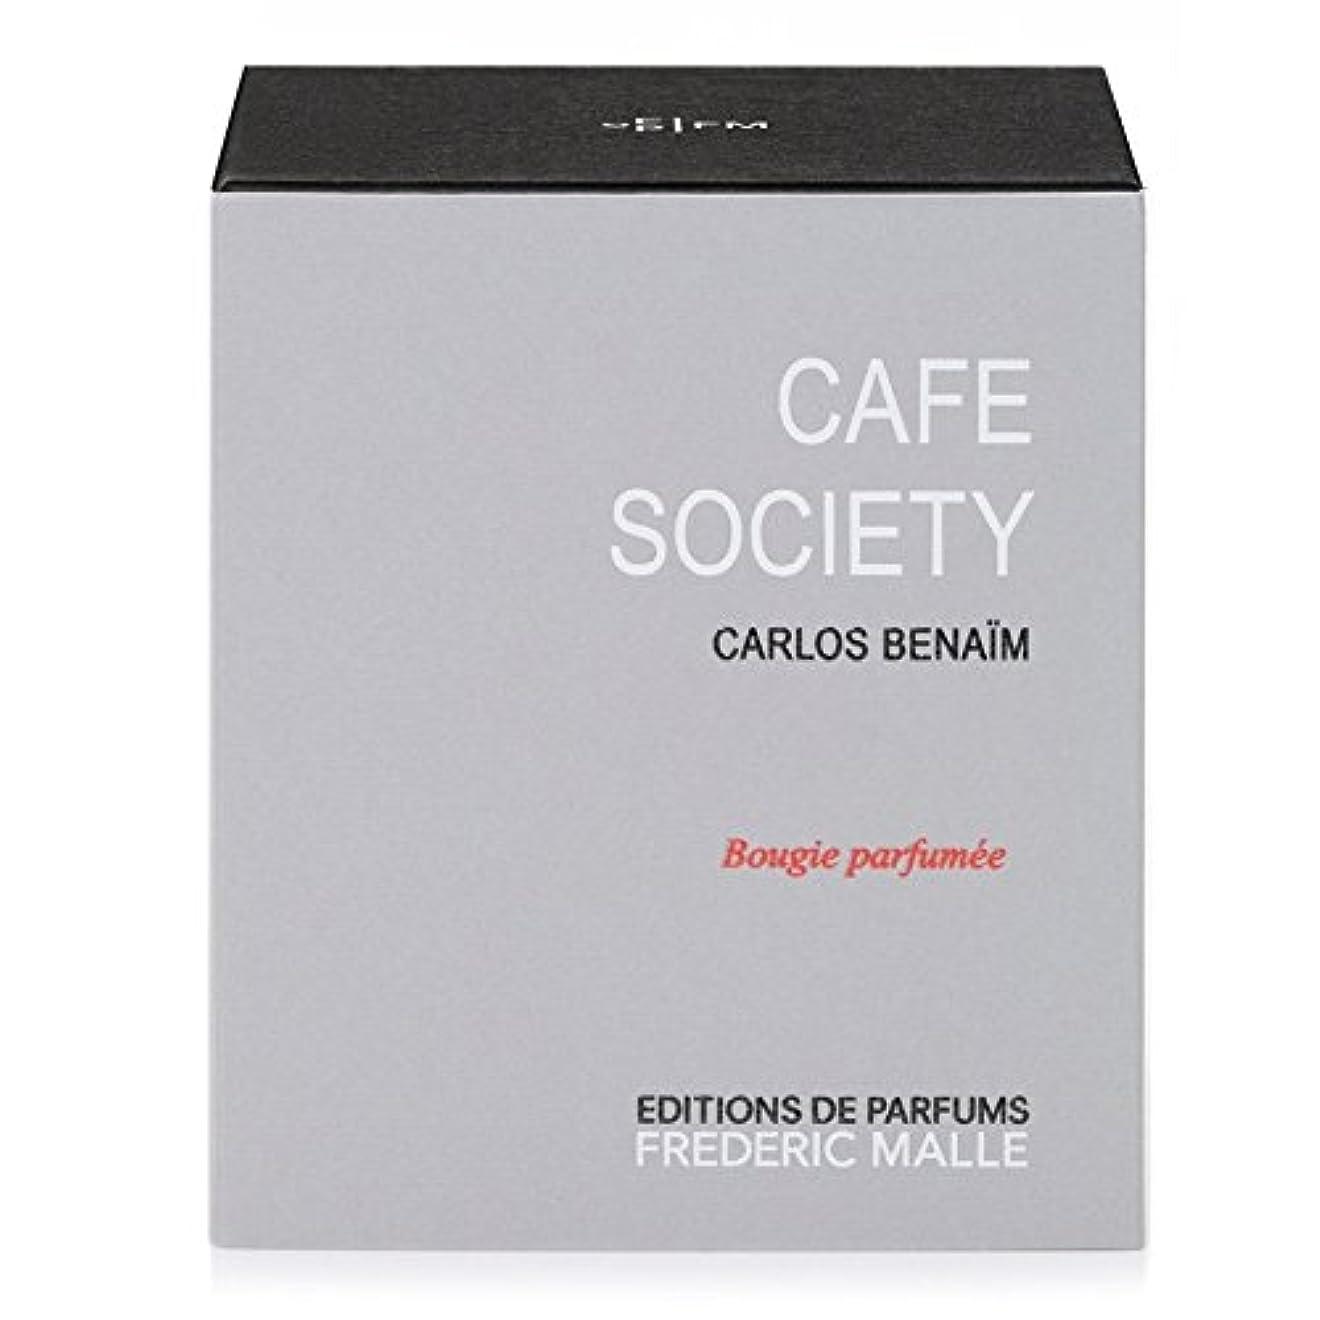 喉頭つま先抽象化Frederic Malle Cafe Society Scented Candle 220g - フレデリック?マルカフェ社会の香りのキャンドル220グラム [並行輸入品]